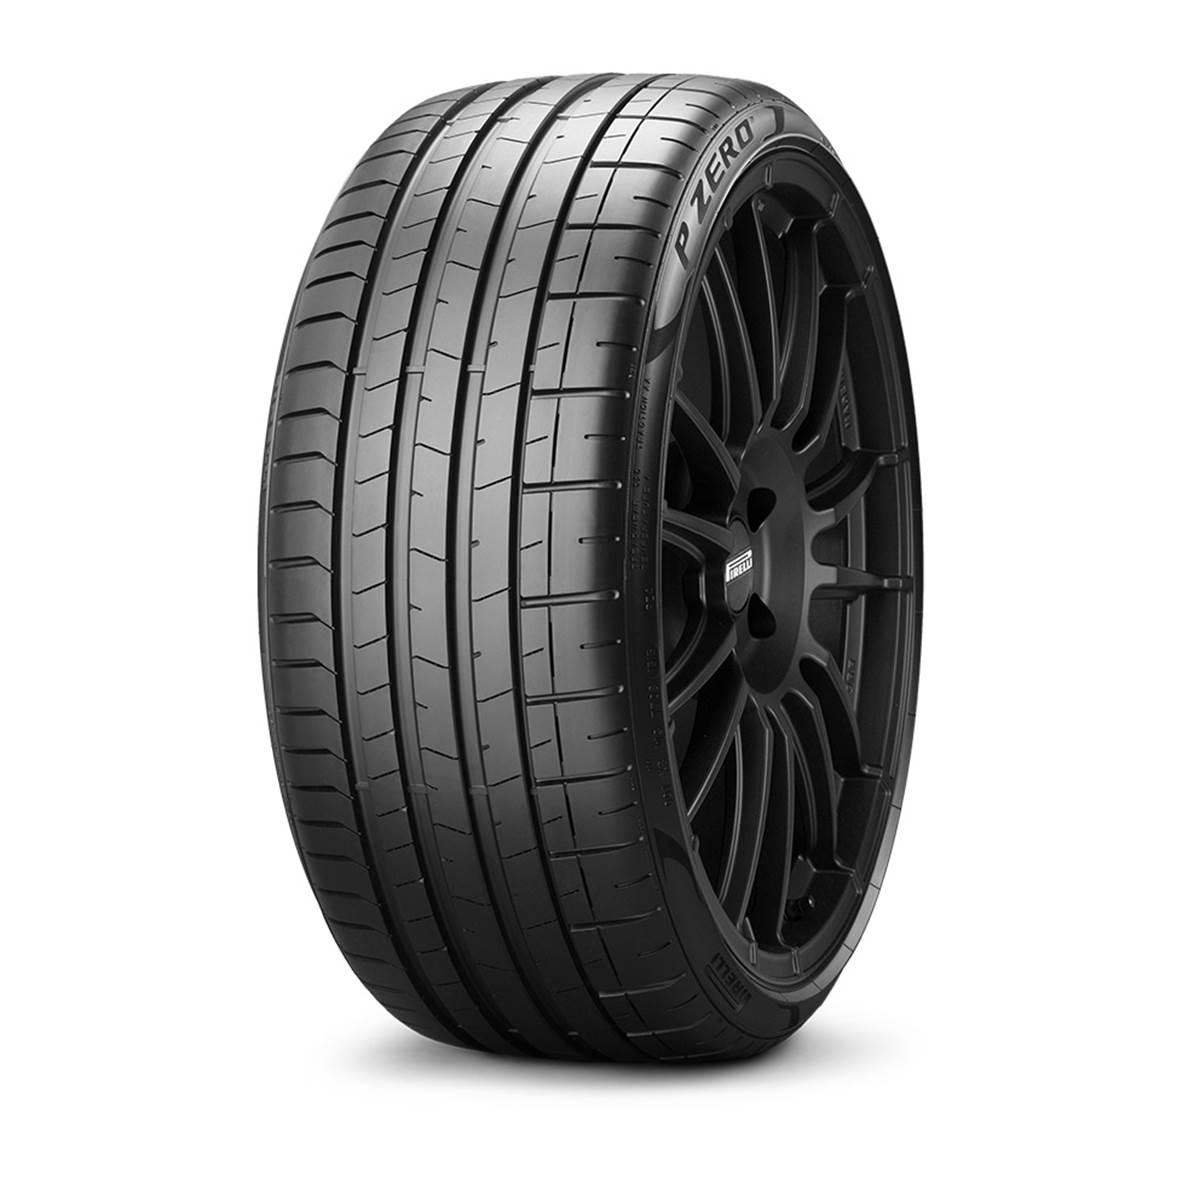 Pneu Pirelli 245/45R19 102Y Pzero XL